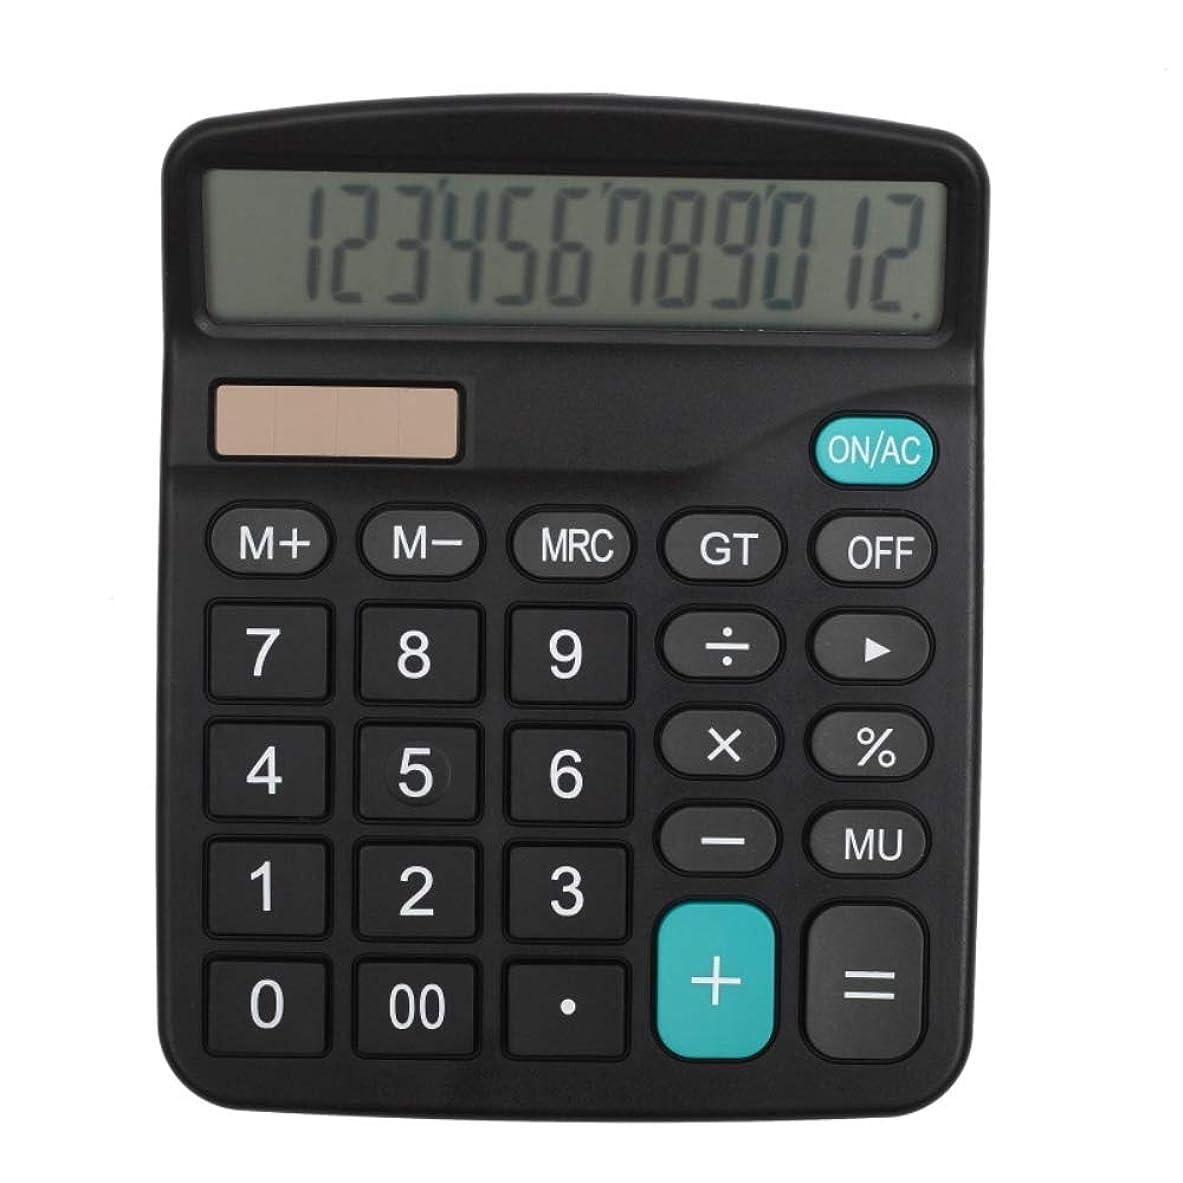 唯一セイはさておき化粧ハンドヘルドデスクトップ電卓 12桁 大型ディスプレイ オフィス用 ブラック